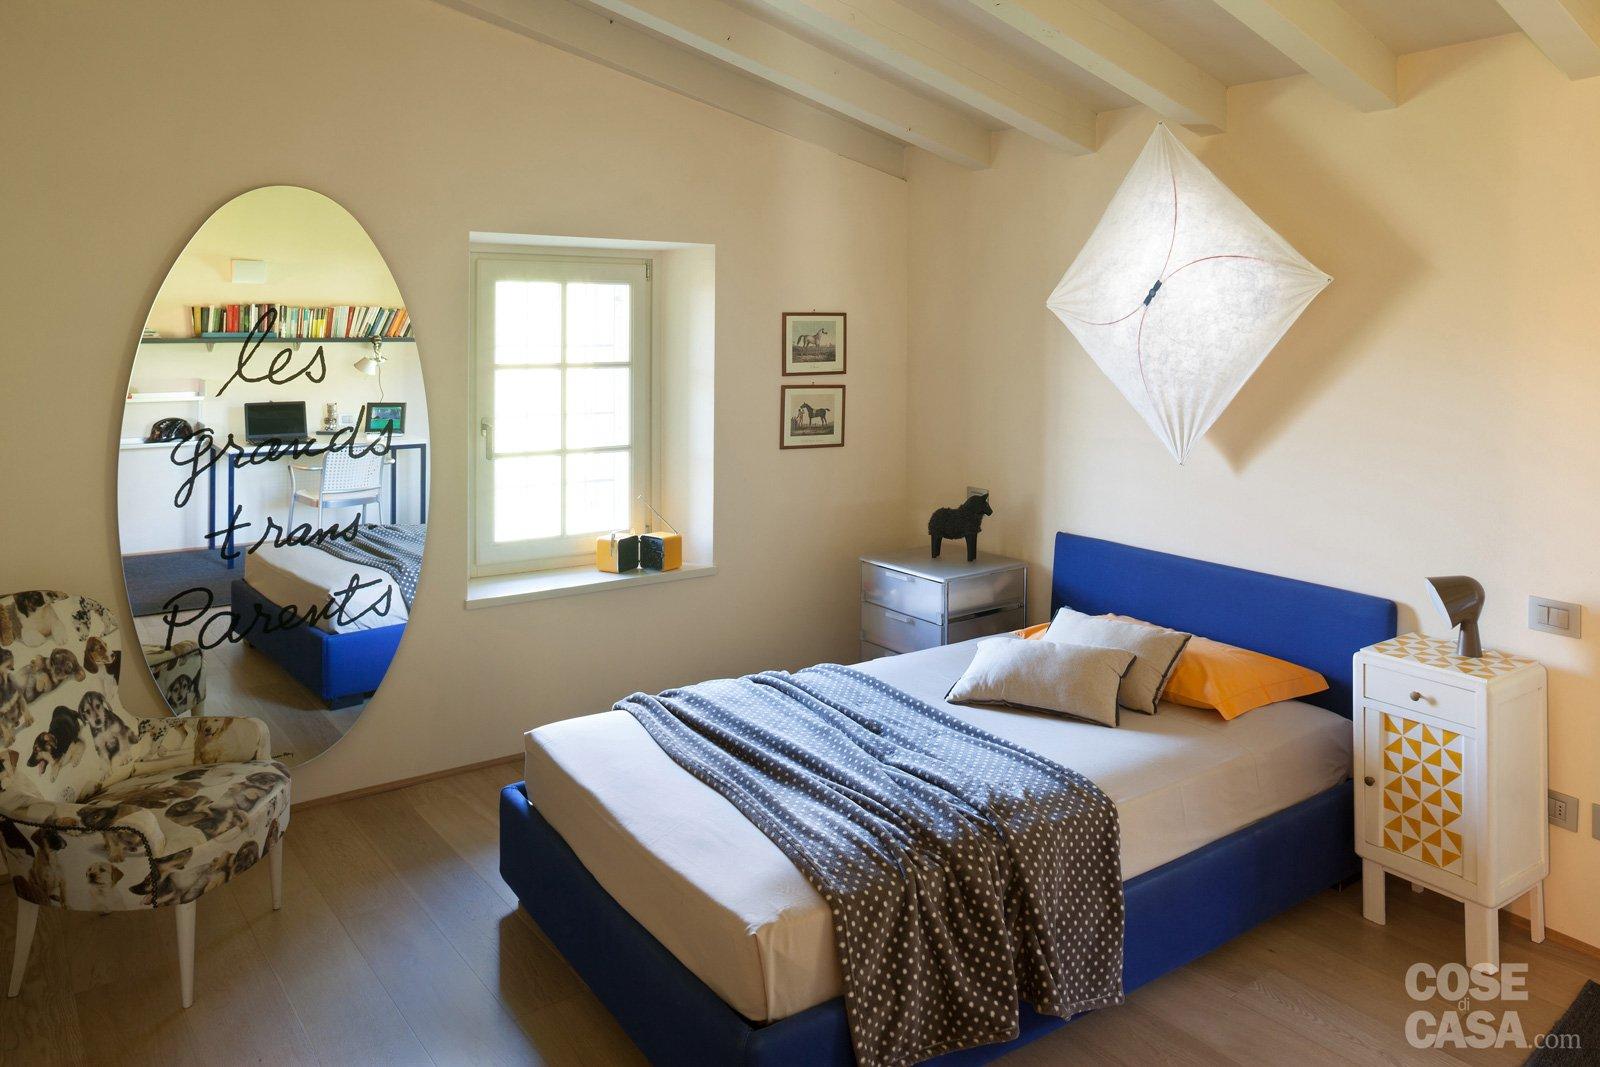 Una casa con ambienti moderni a sfondo rustico cose di casa for Piani e disegni di casa con 2 camere da letto